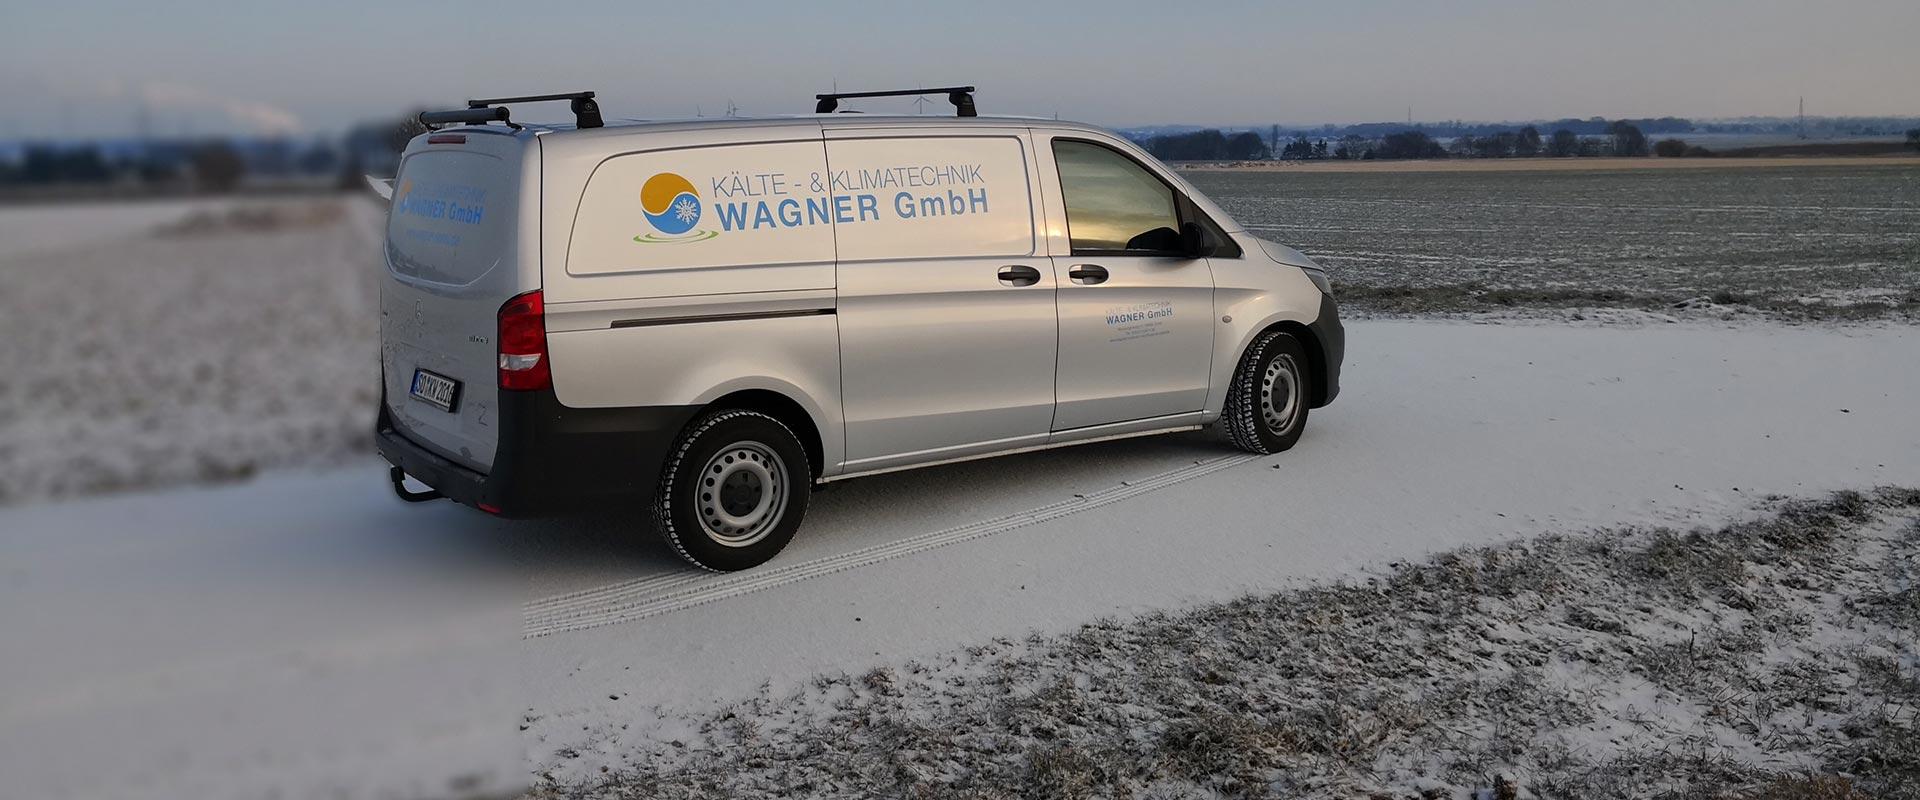 firmenwagen-800px_wagner-soest